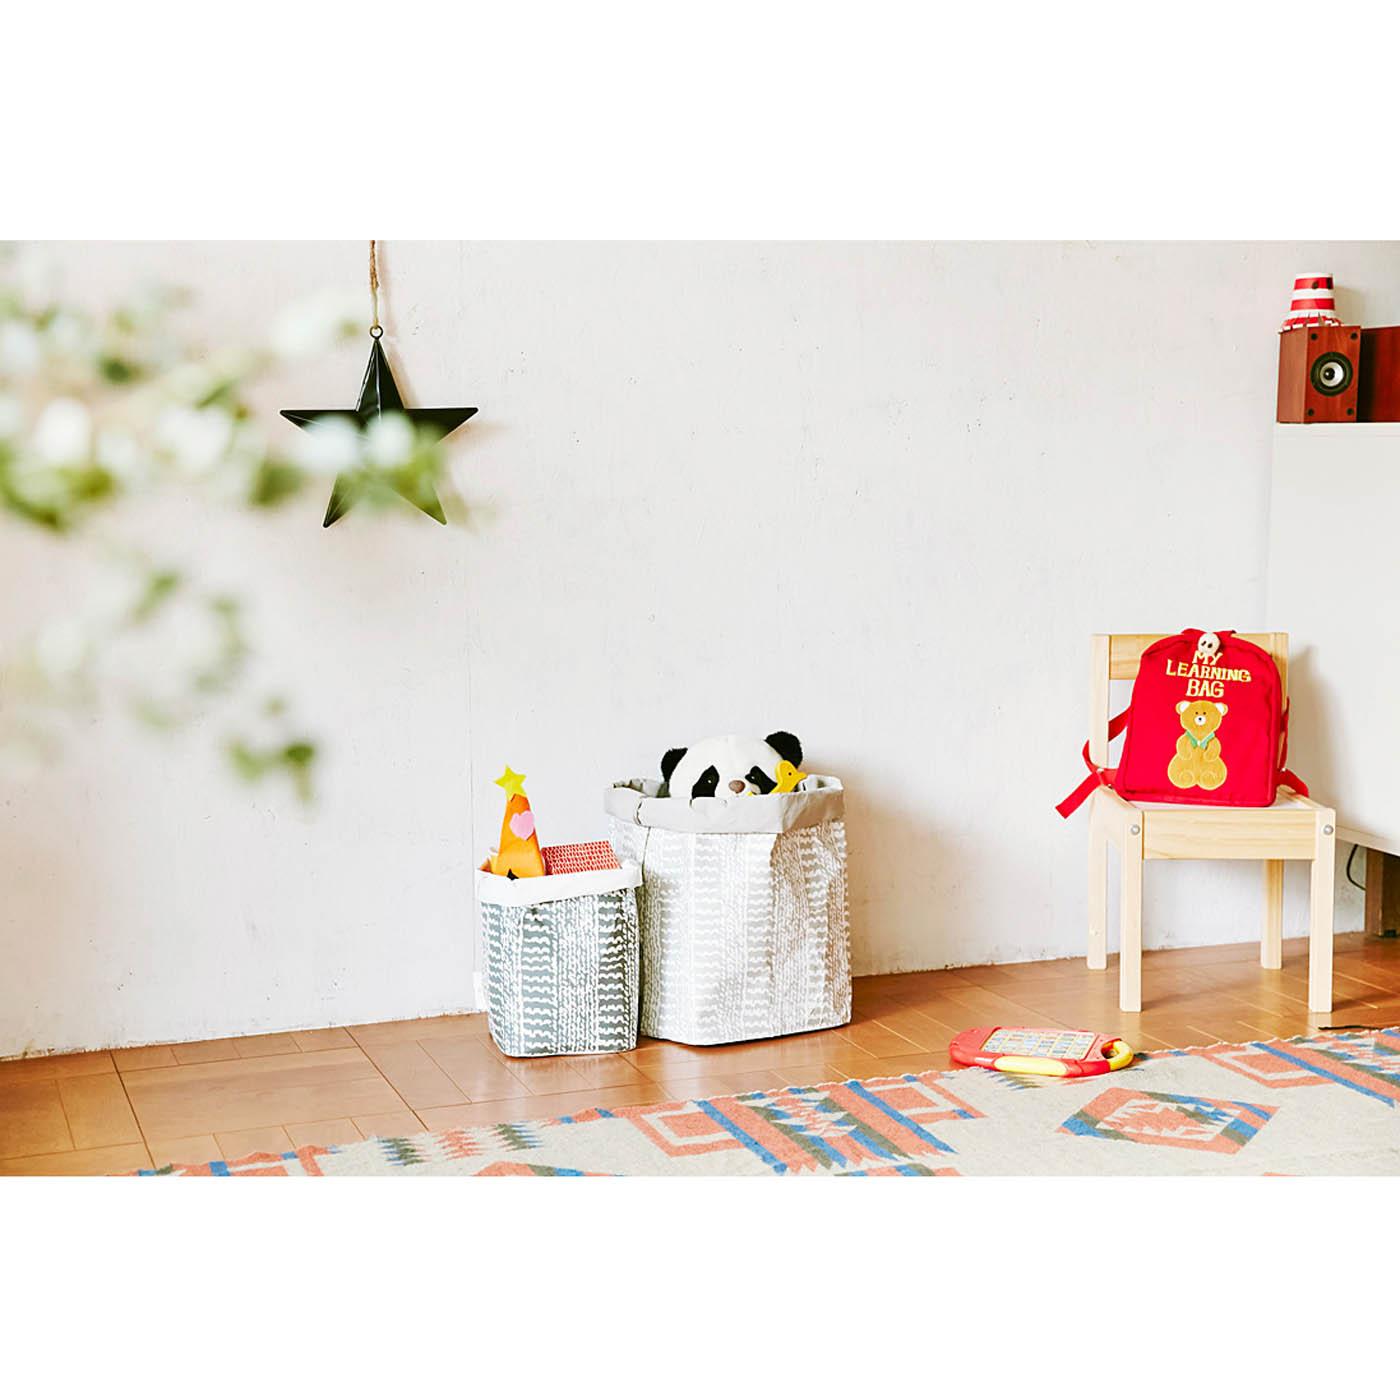 〈大〉サイズと組み合わせて、こども部屋でおもちゃ入れとして使っています。多少よごれても水洗いできるからいいですね。植木鉢を入れて、おしゃれなグリーンコーナーを作るのもオススメです。おうちのいろいろな場所で活躍させてください。